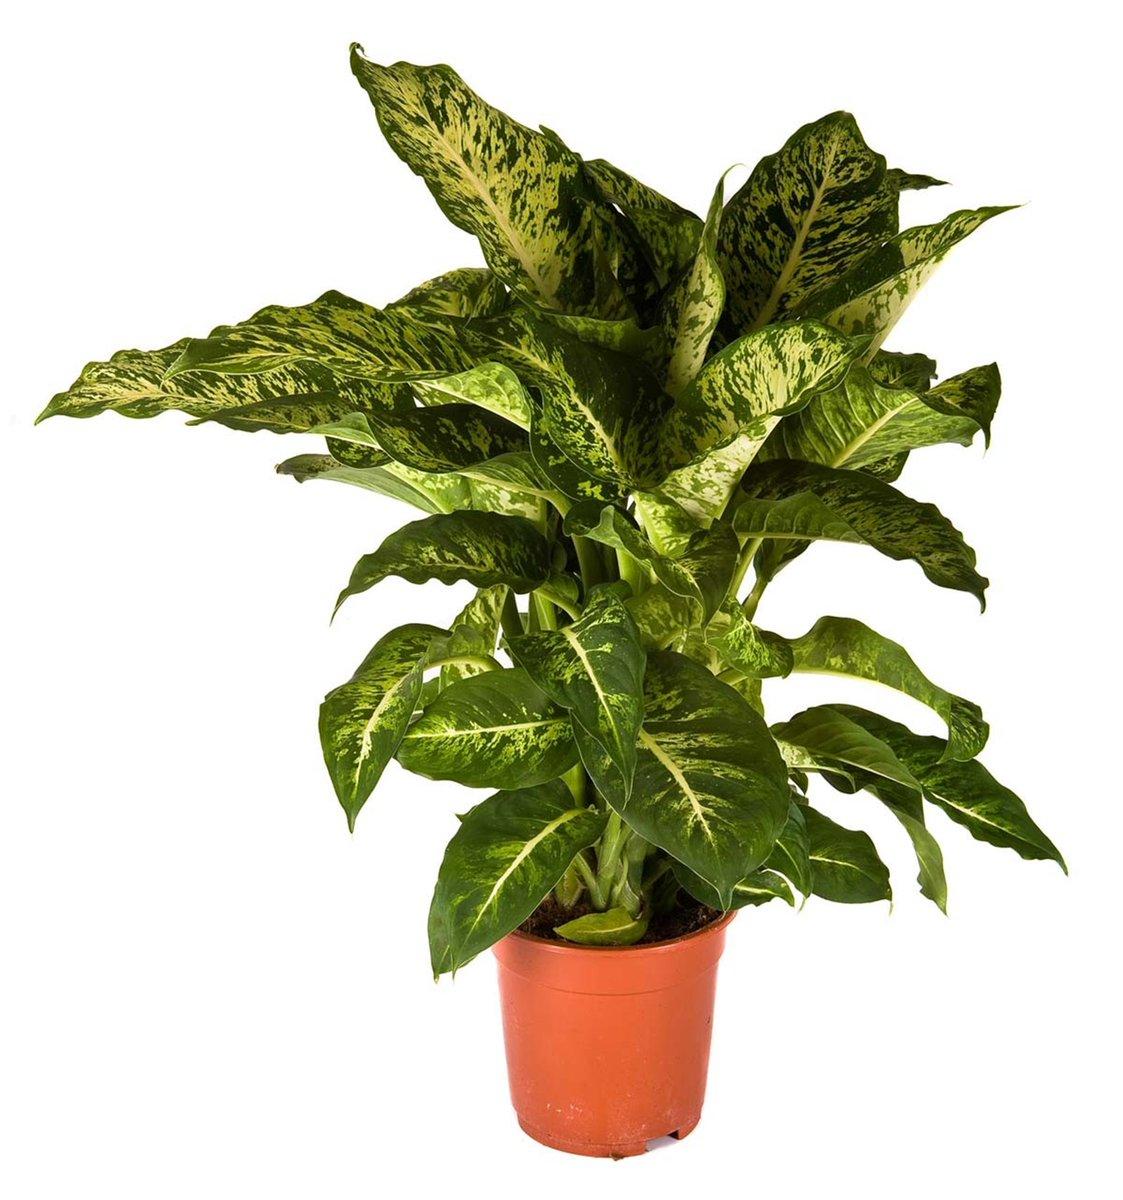 plante exotique en pot trendy pcssac graines buster vanille graines sant graines de fleurs pot. Black Bedroom Furniture Sets. Home Design Ideas